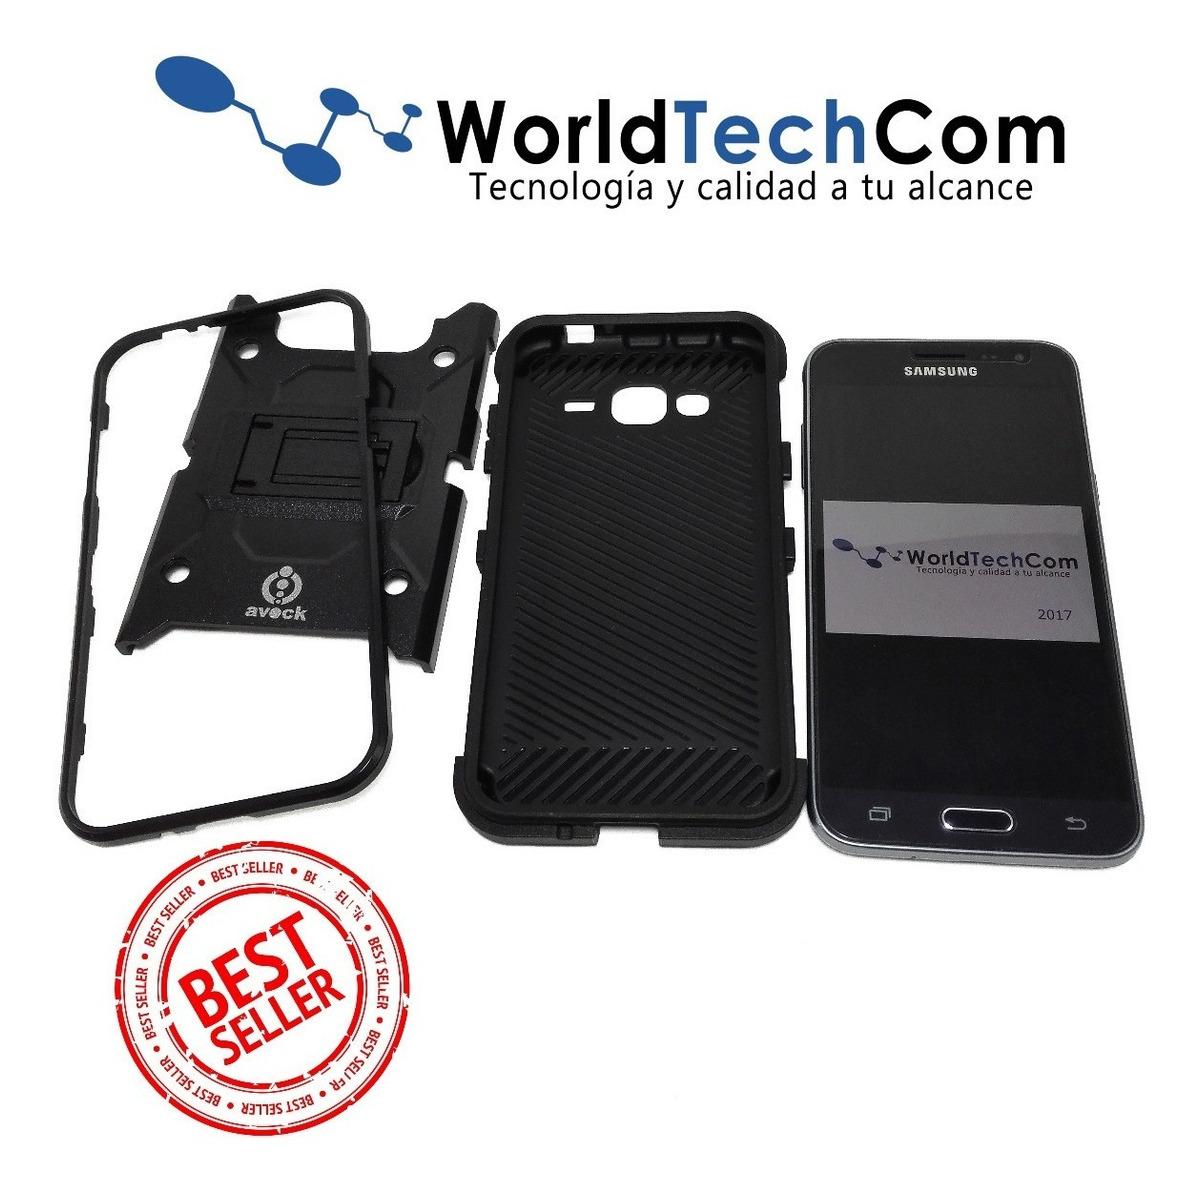 ab50427d86b Case Armor Funda Motorola Moto G4 Plus Parante Protector - S/ 39,00 ...